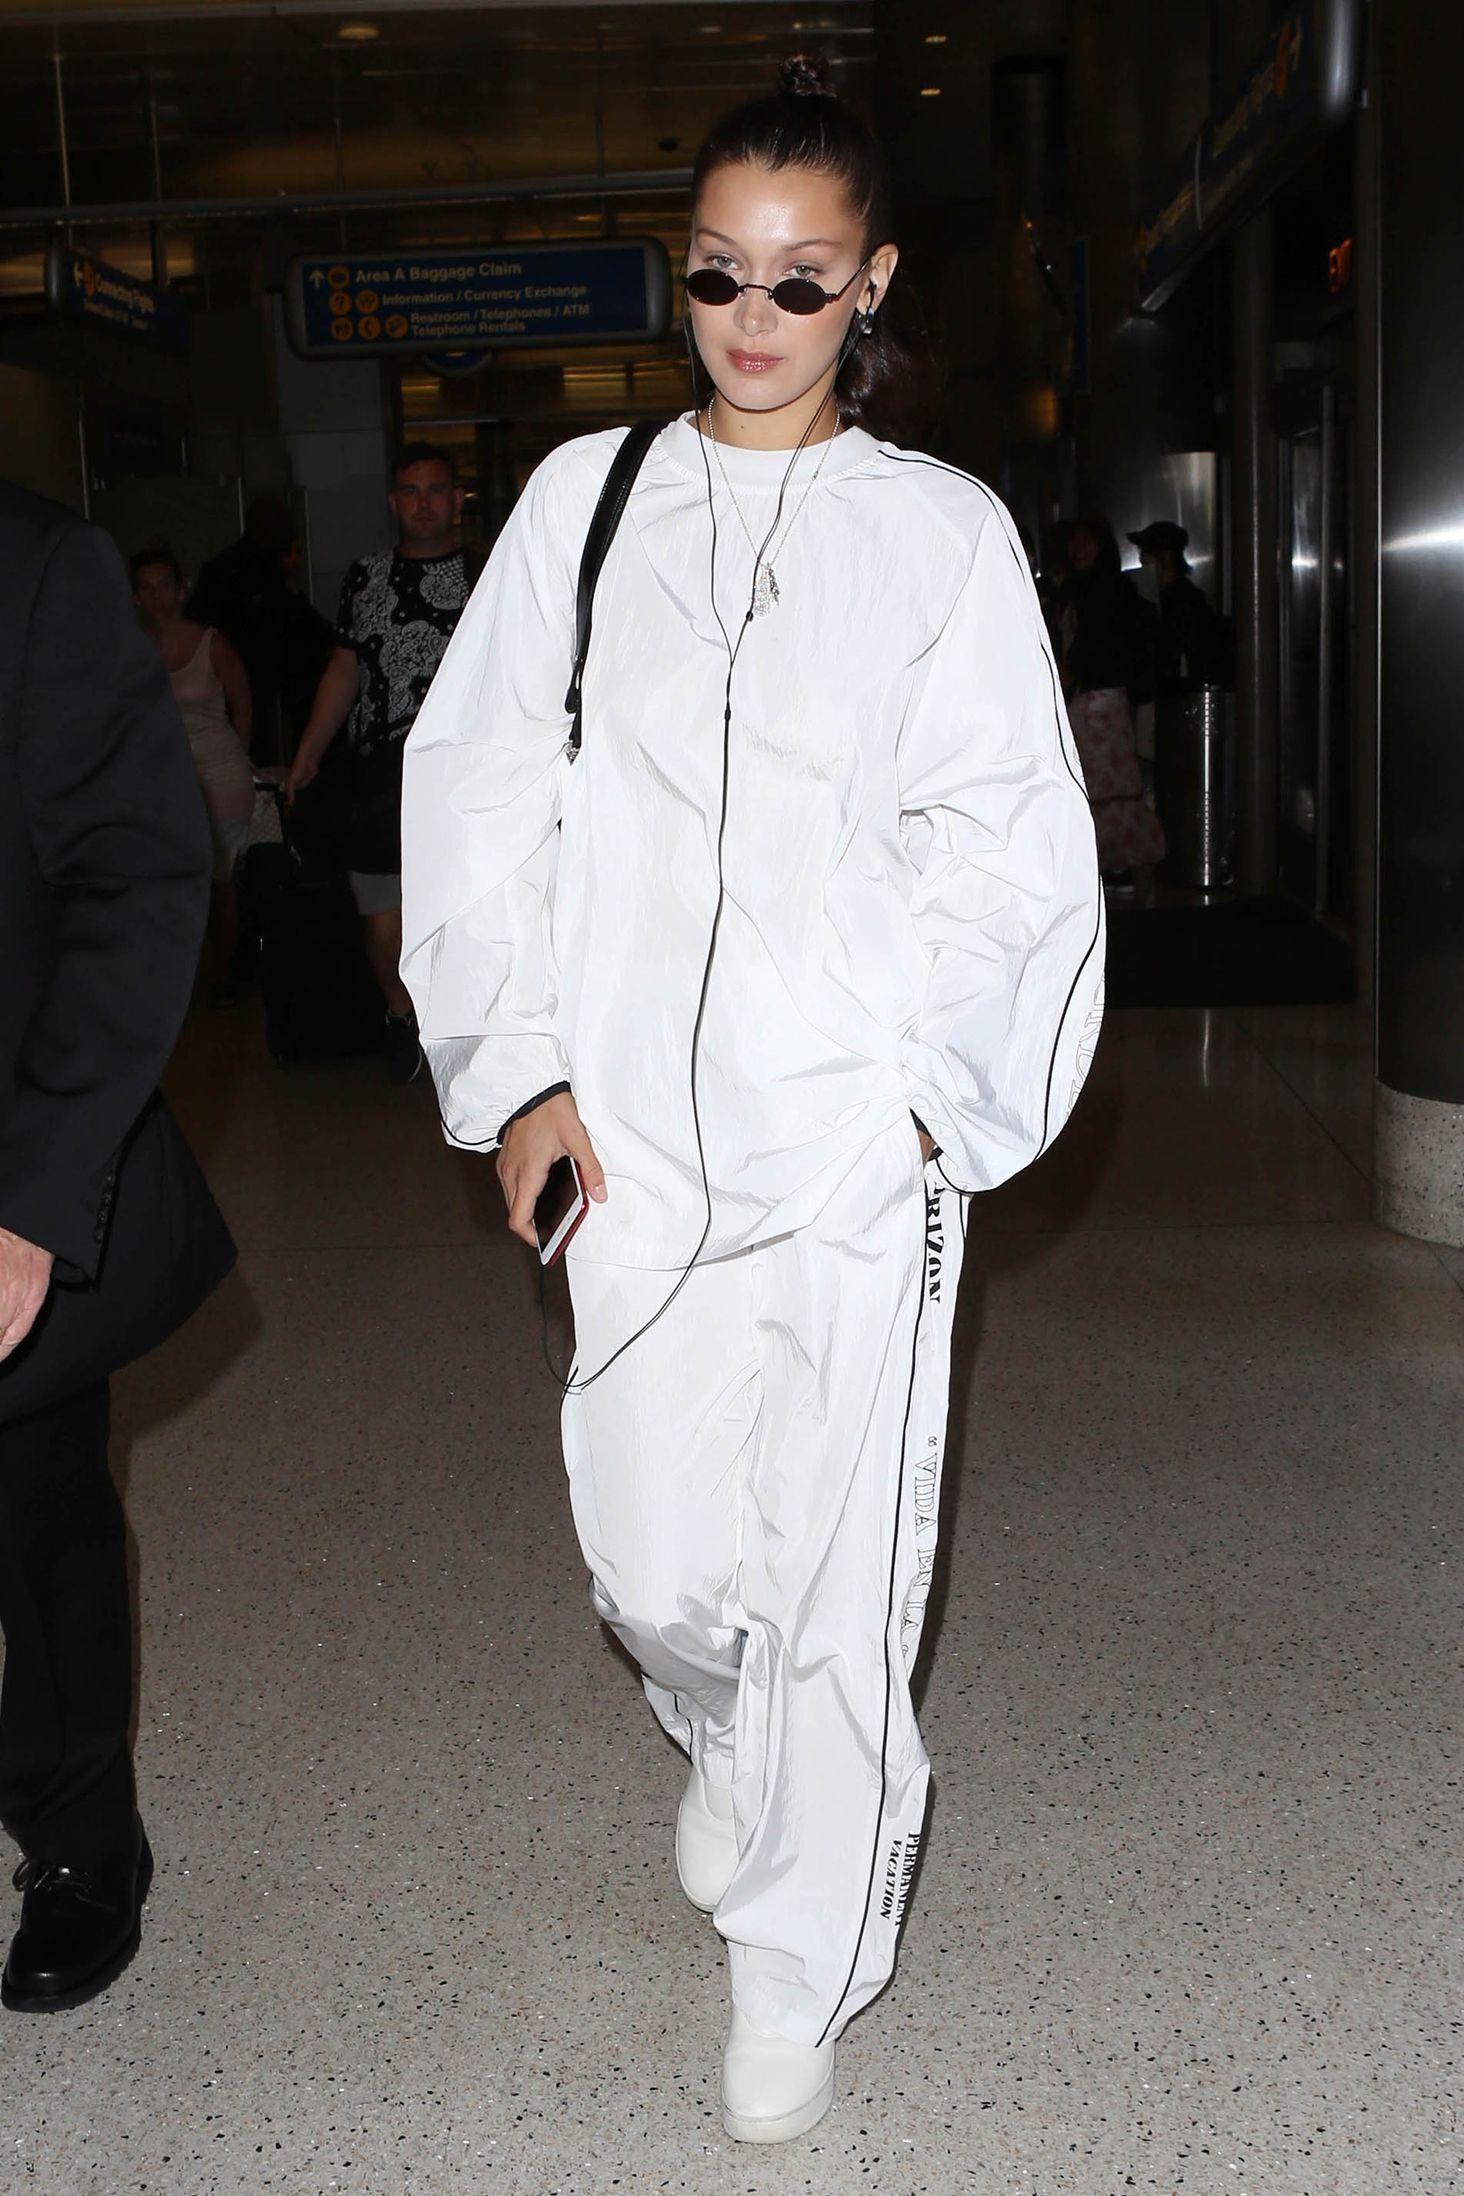 Dù có phong cách vô cùng gợi cảm, nhưng khi đến sân bay, sự thoải mái vẫn là ưu tiên hàng đầu. Thiên thần Victoria's Secret vẫn xinh đẹp và gợi cảm trong bộ đồ nỉ quá khổ từ Nike.